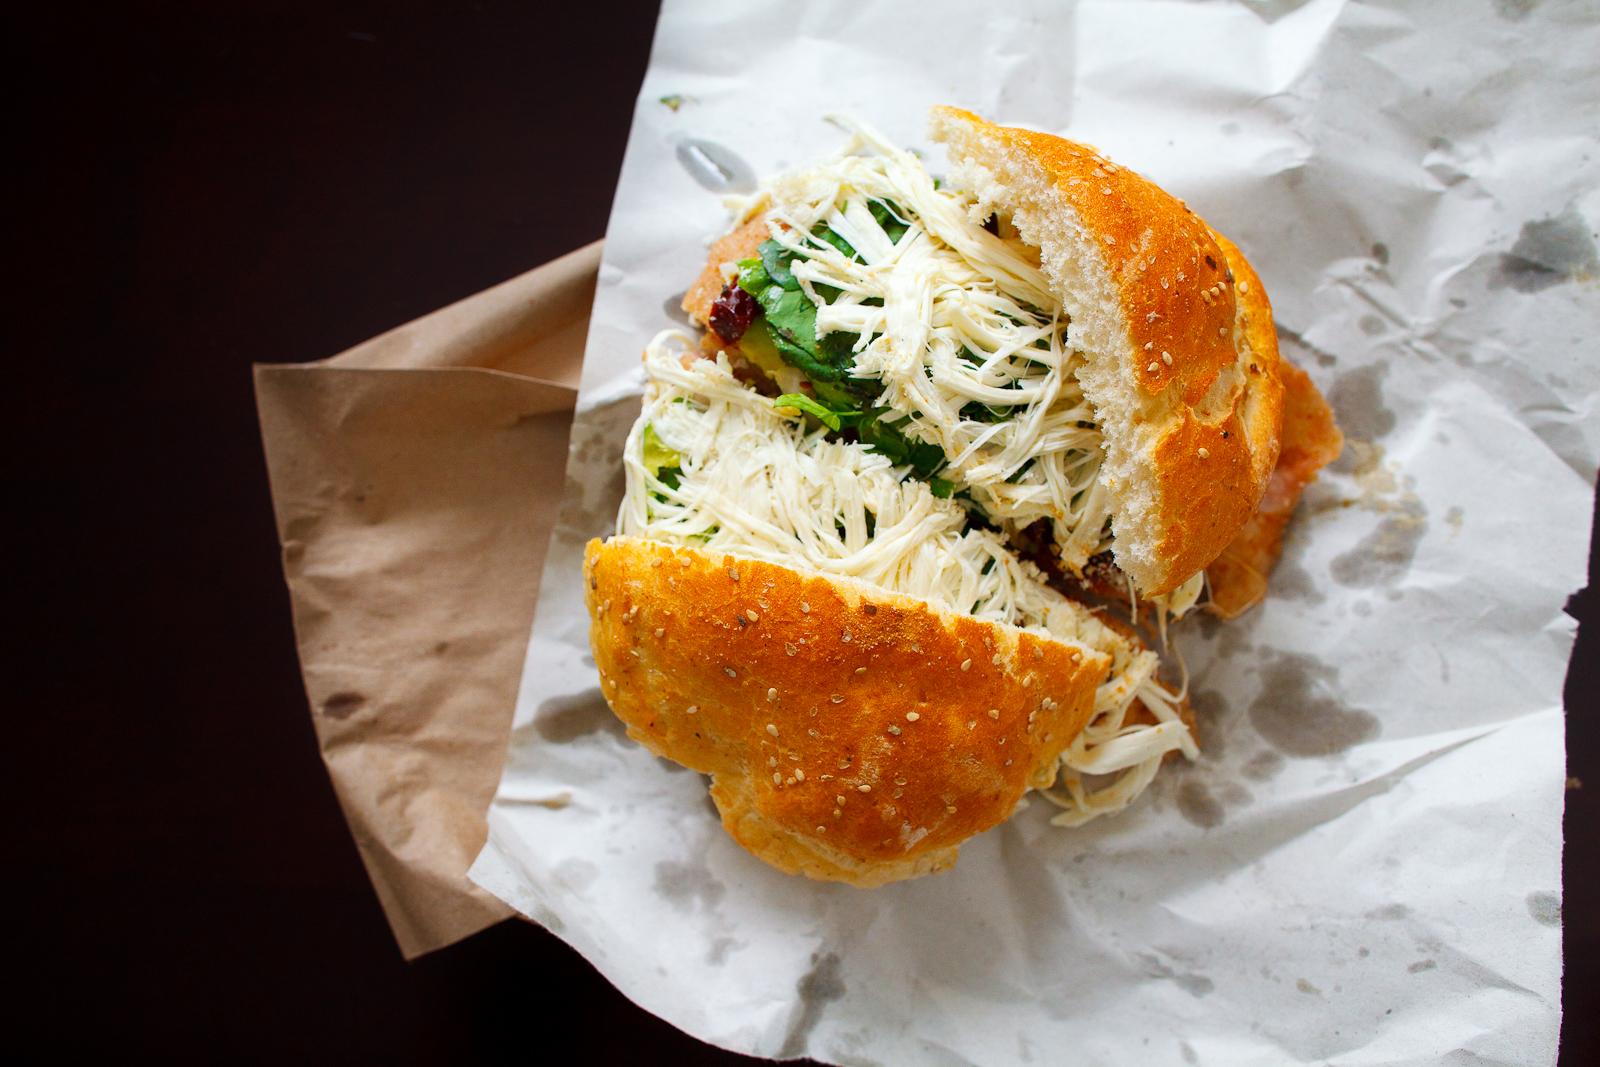 Cemita de rajas y chipotles con milanesa de puerco (Pueblan sandwich with chipotle, chile, and breaded pork) (35 MXP).jpg